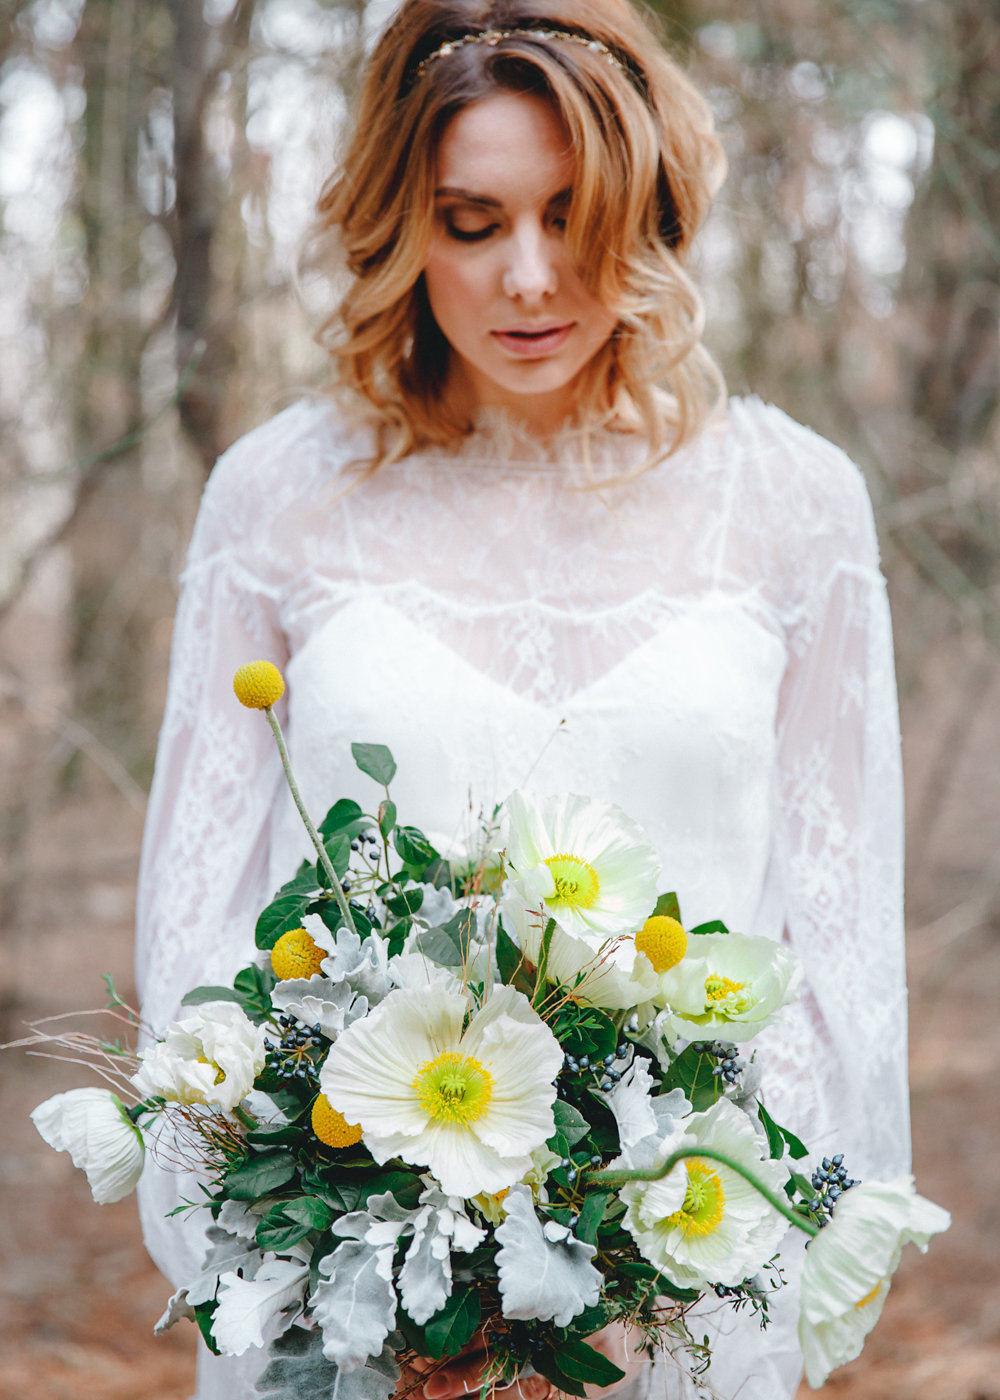 Цветы весеннего леса: стилизованная свадебная съёмка